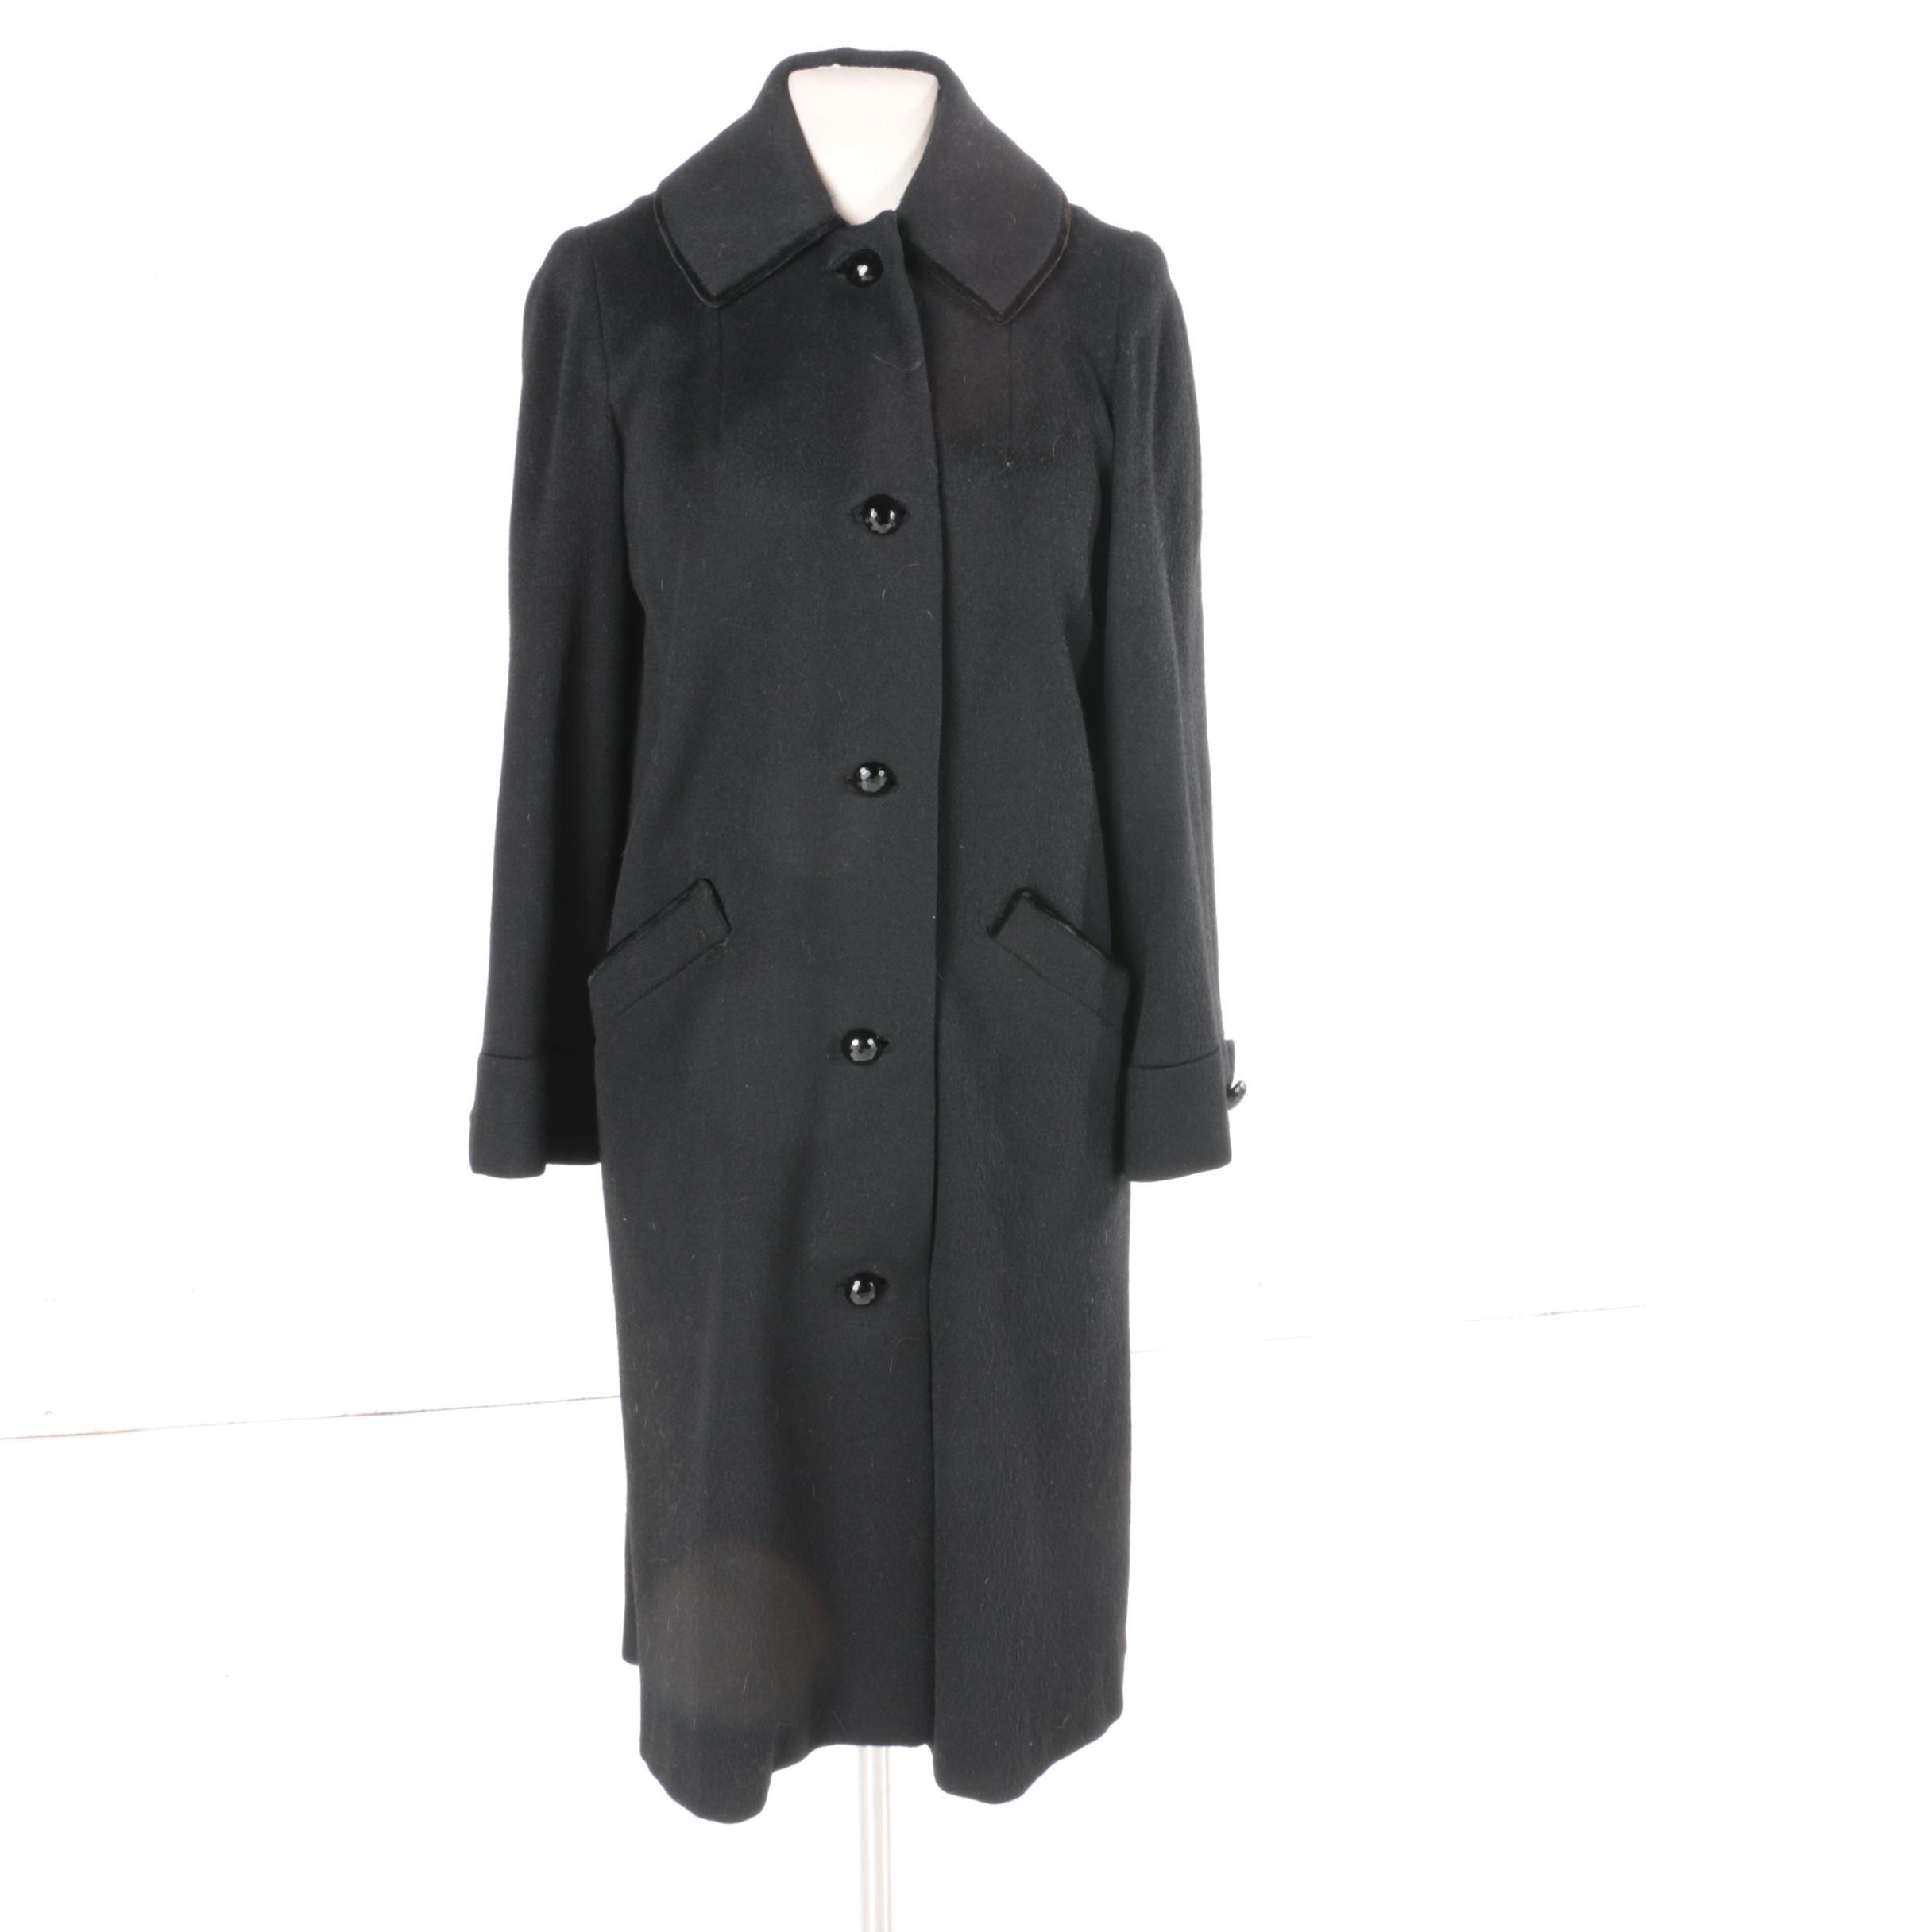 Women's Vintage Harry Cooper Black Wool Overcoat